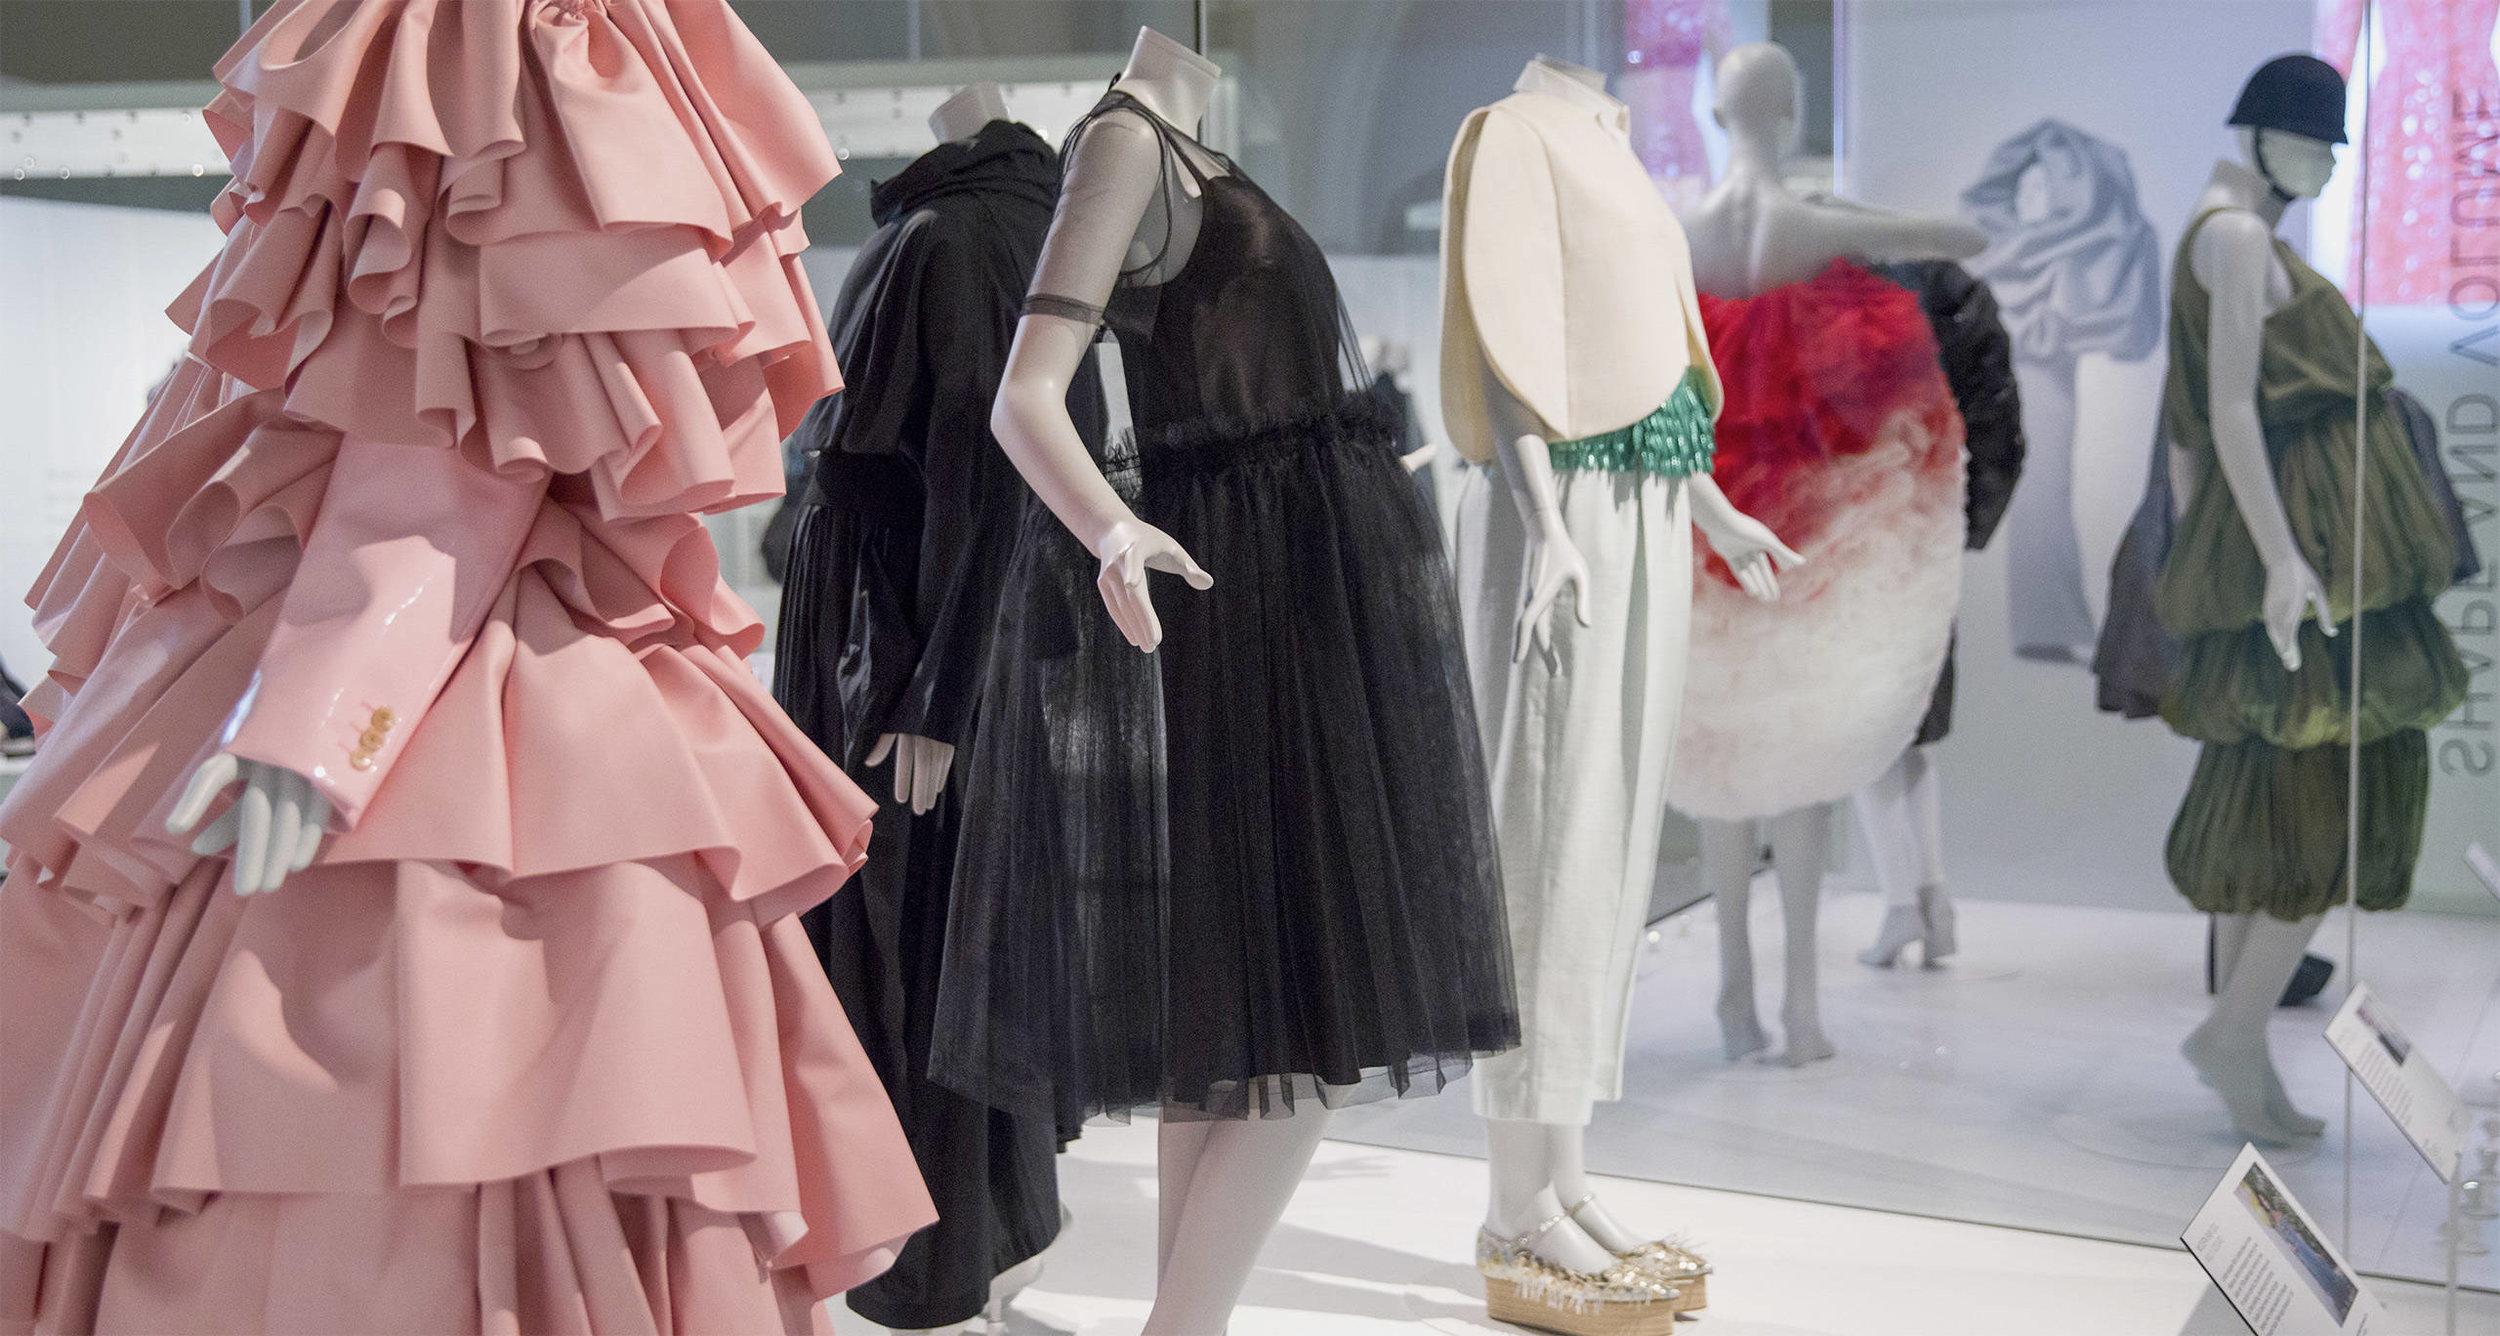 Balenciaga_Shaping_Fashion_9.jpeg